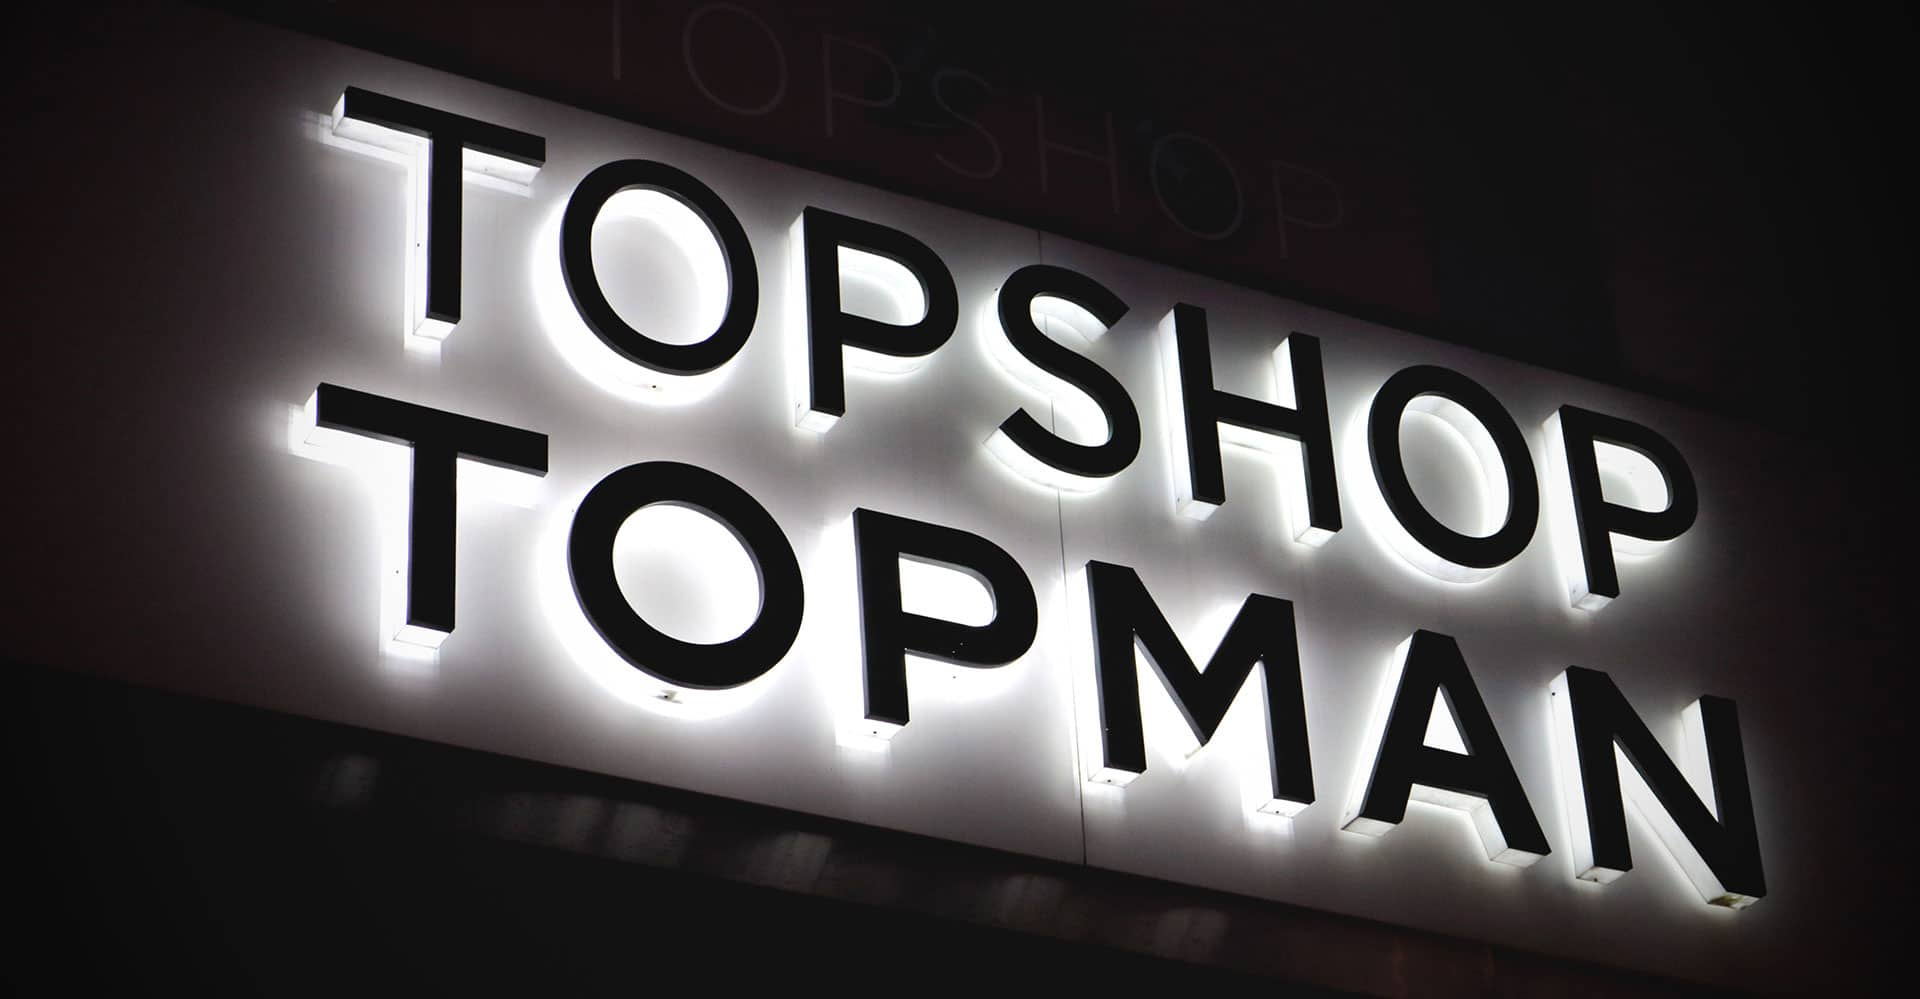 Topshop in Belfast: Distinct, Effective Branding is Key